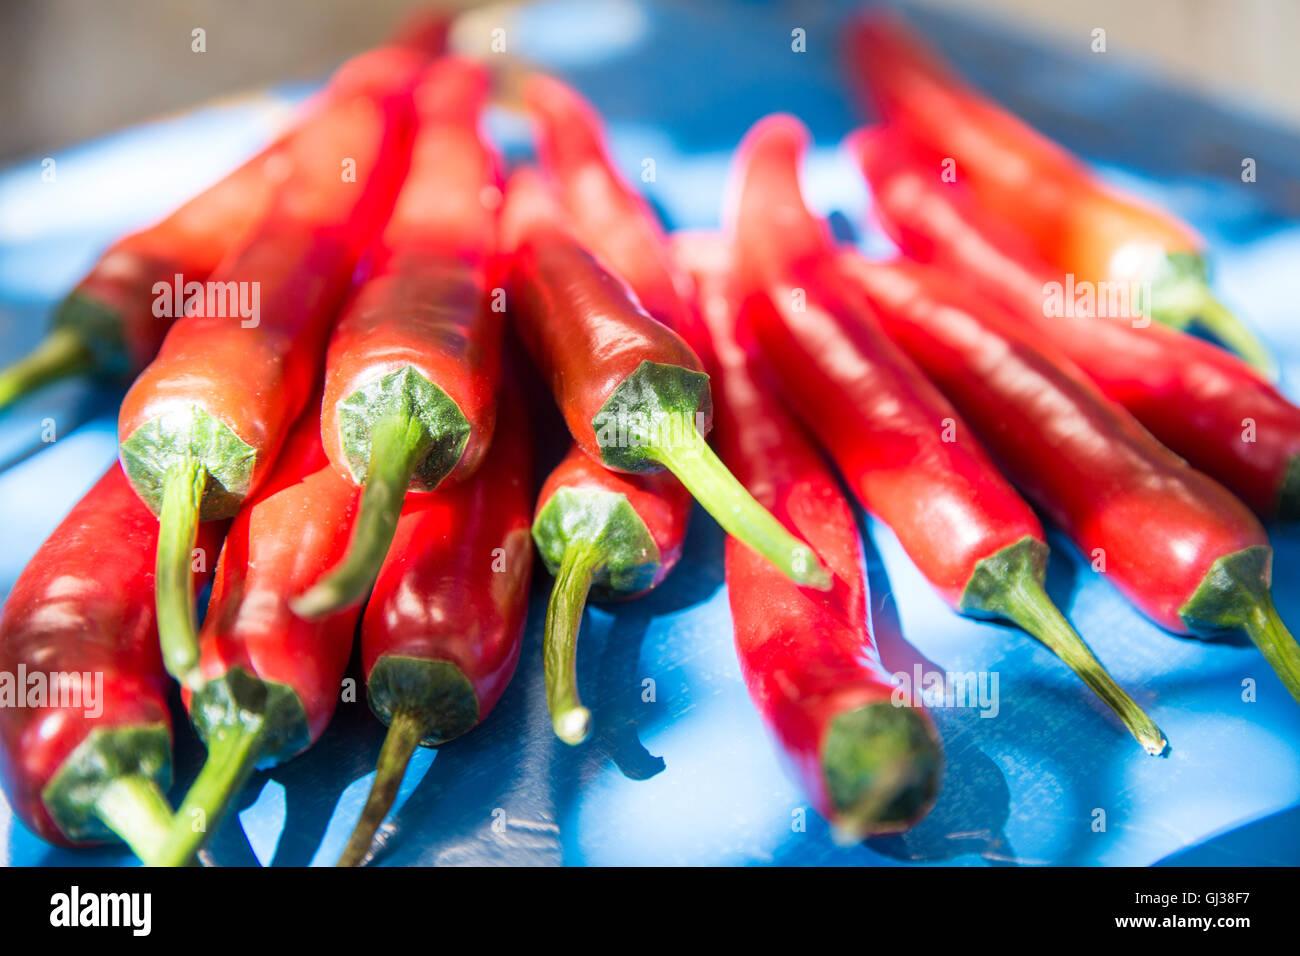 Groupe moyen de piments rouges frais Photo Stock